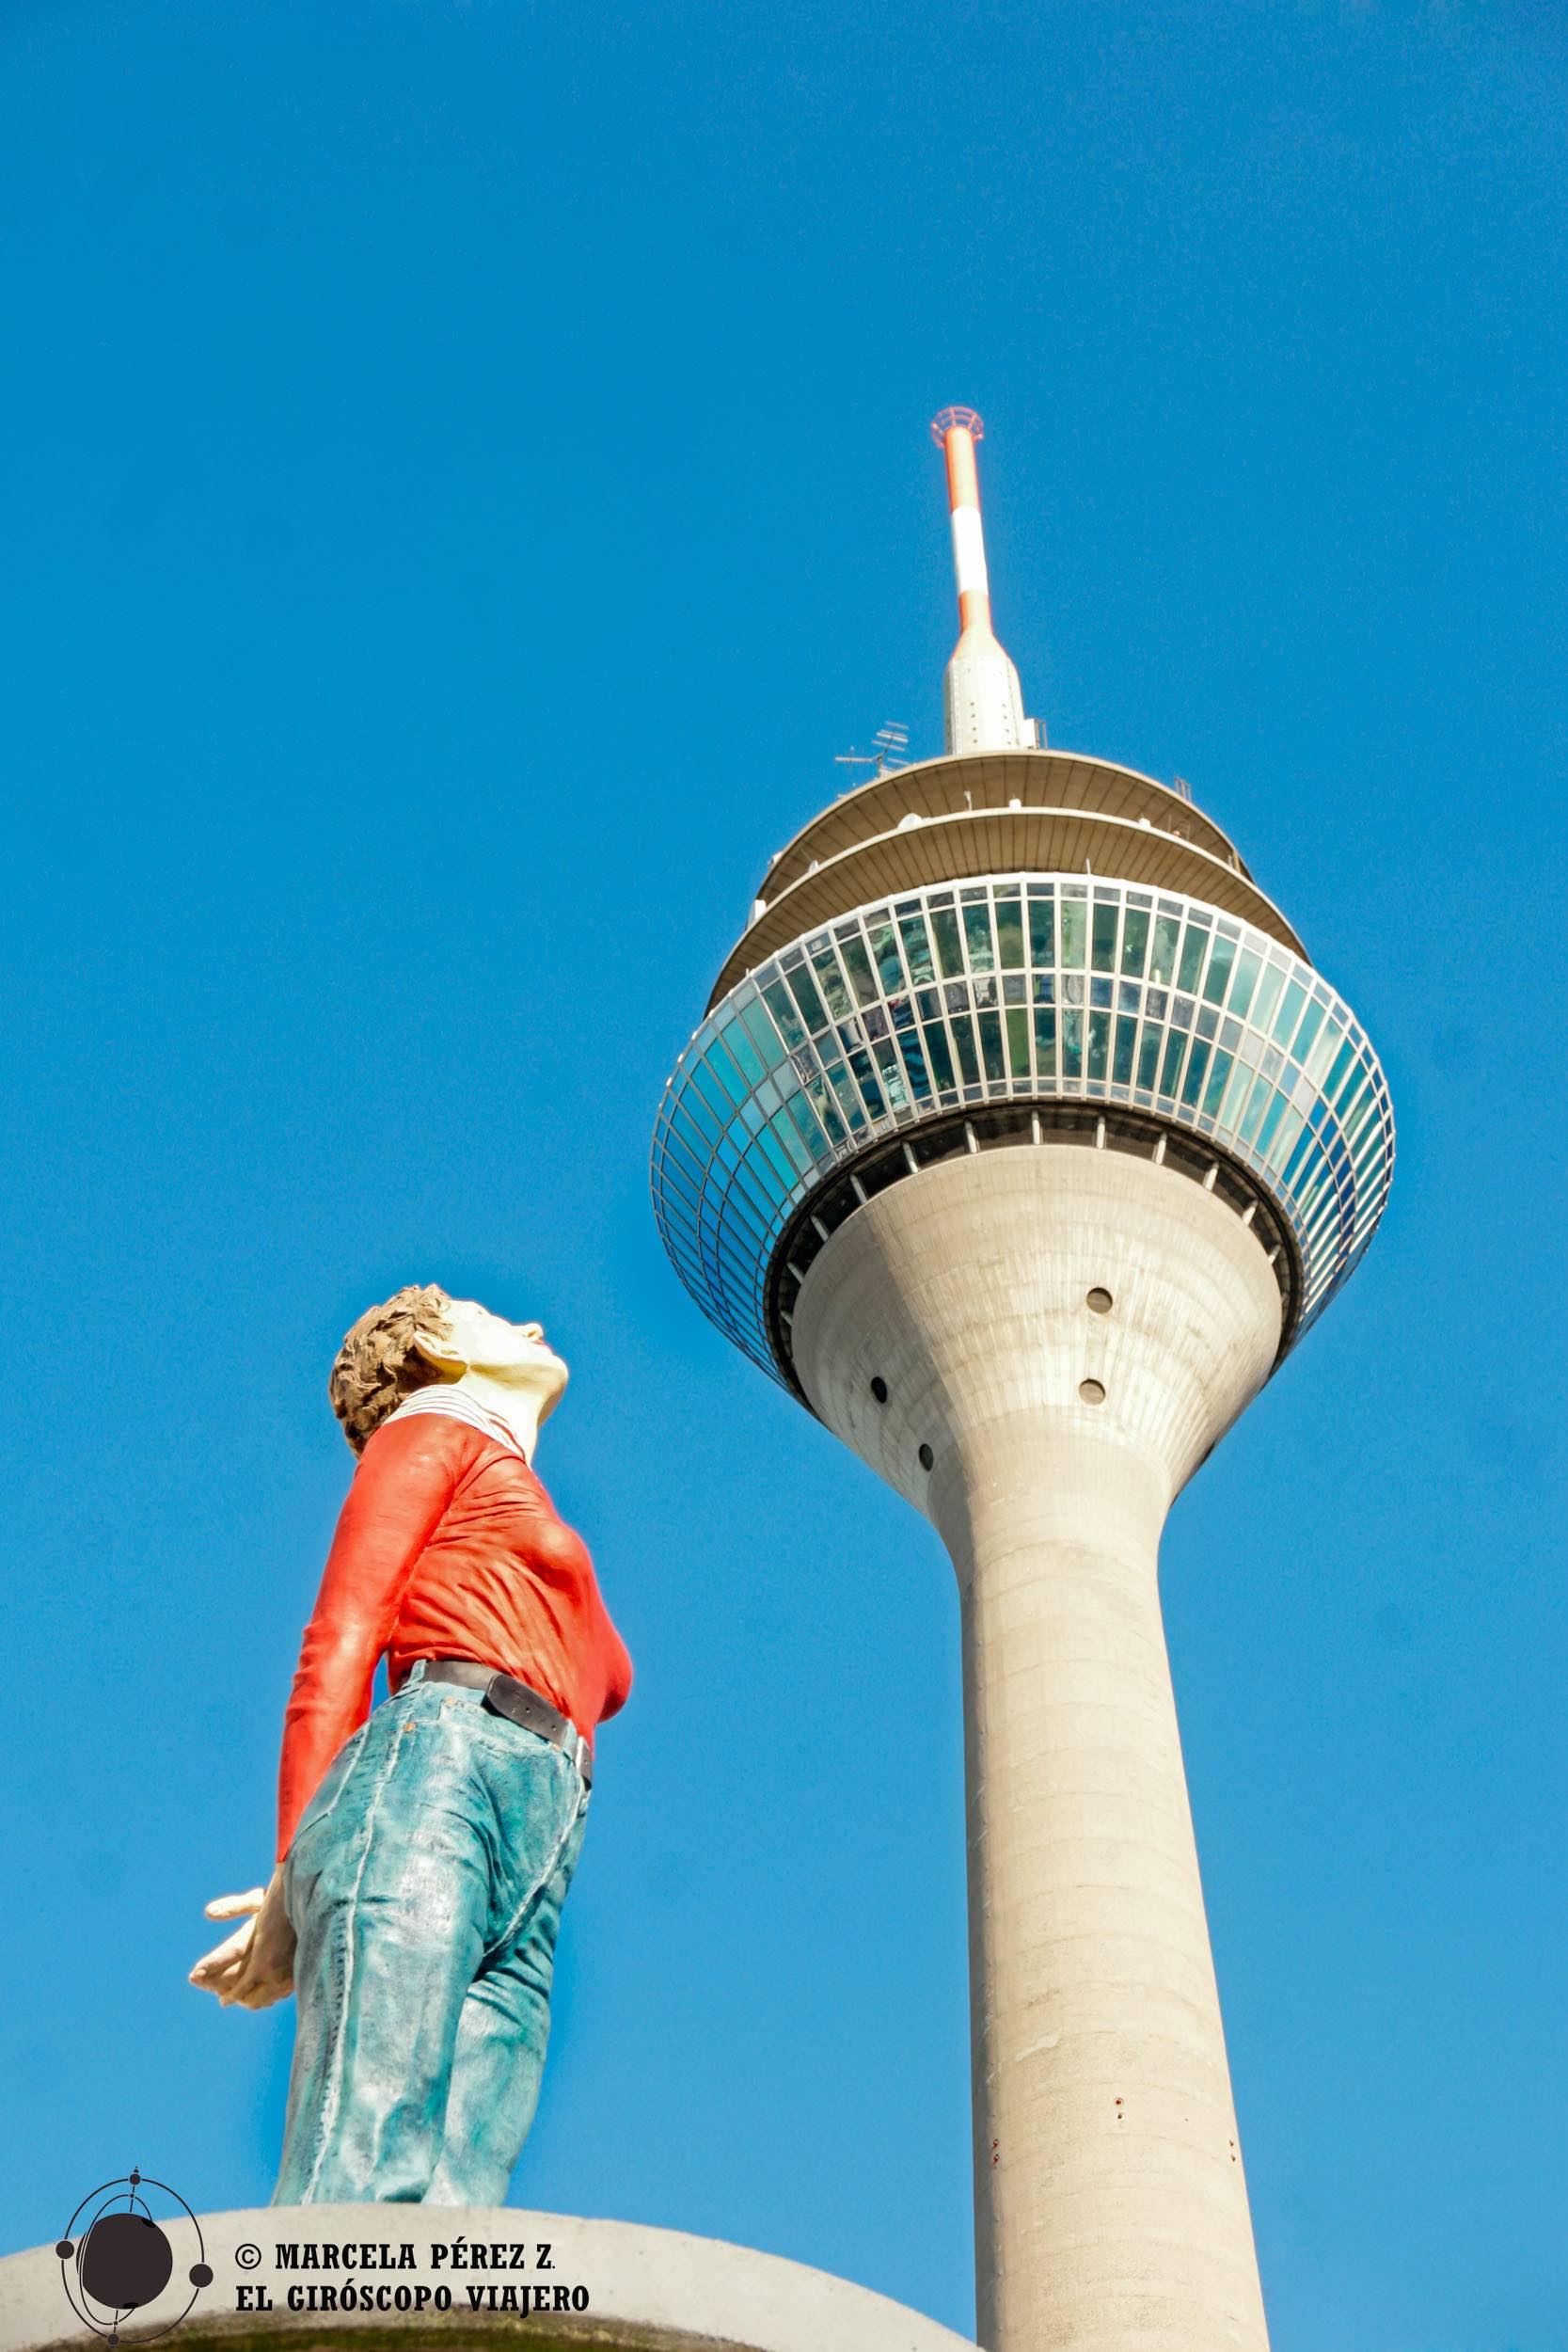 Figuras curiosas extendidas por la ciudad, parece que ésta se ha quedado maravilla con la Rhine Tower ©Marcela Pérez Z.